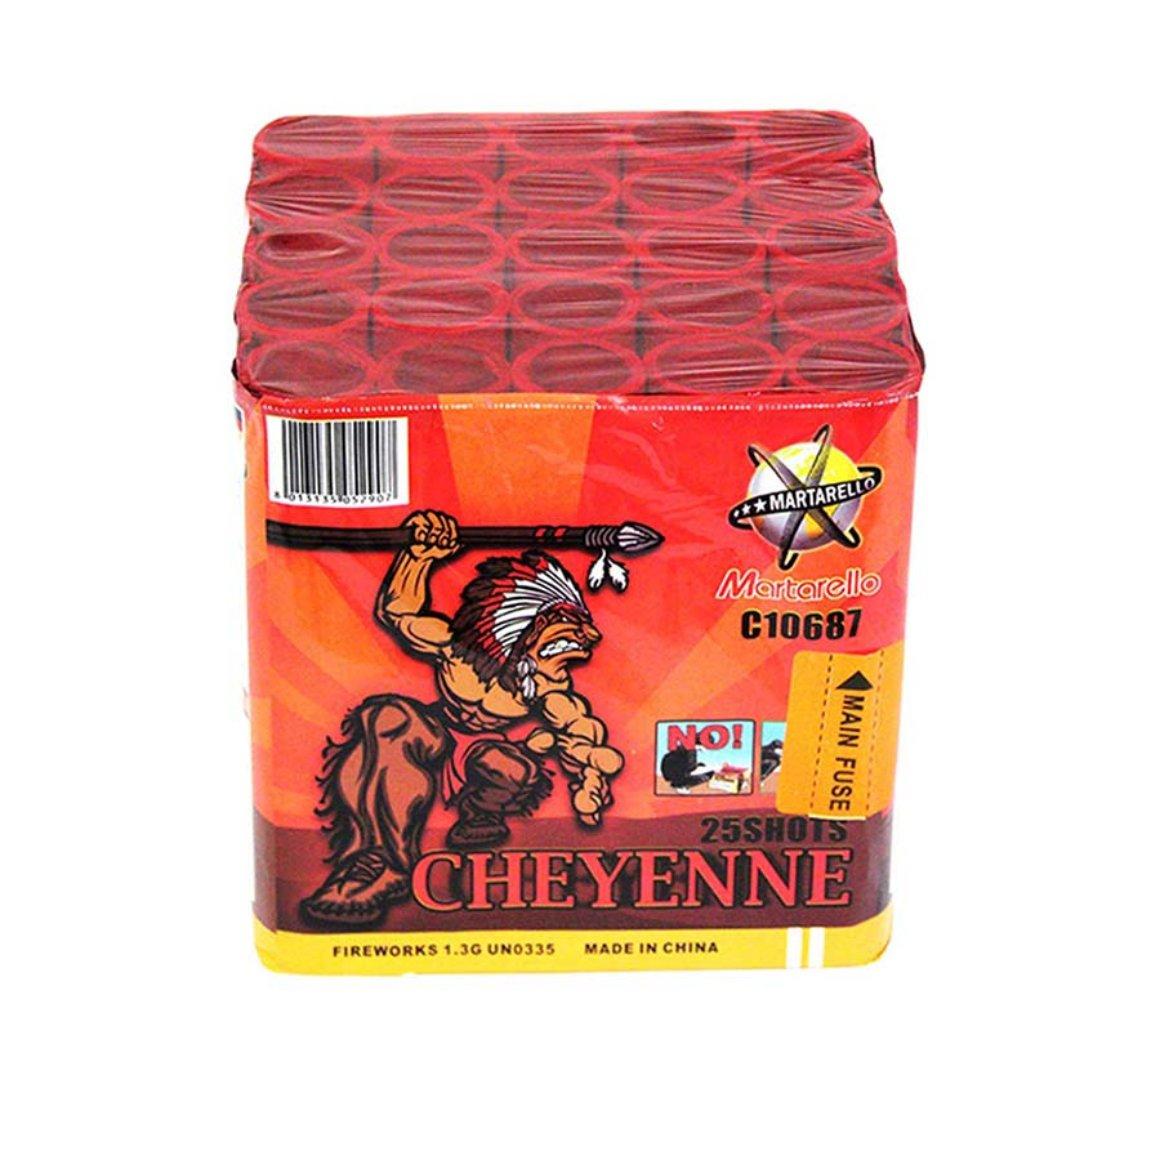 Cheyenne C10687